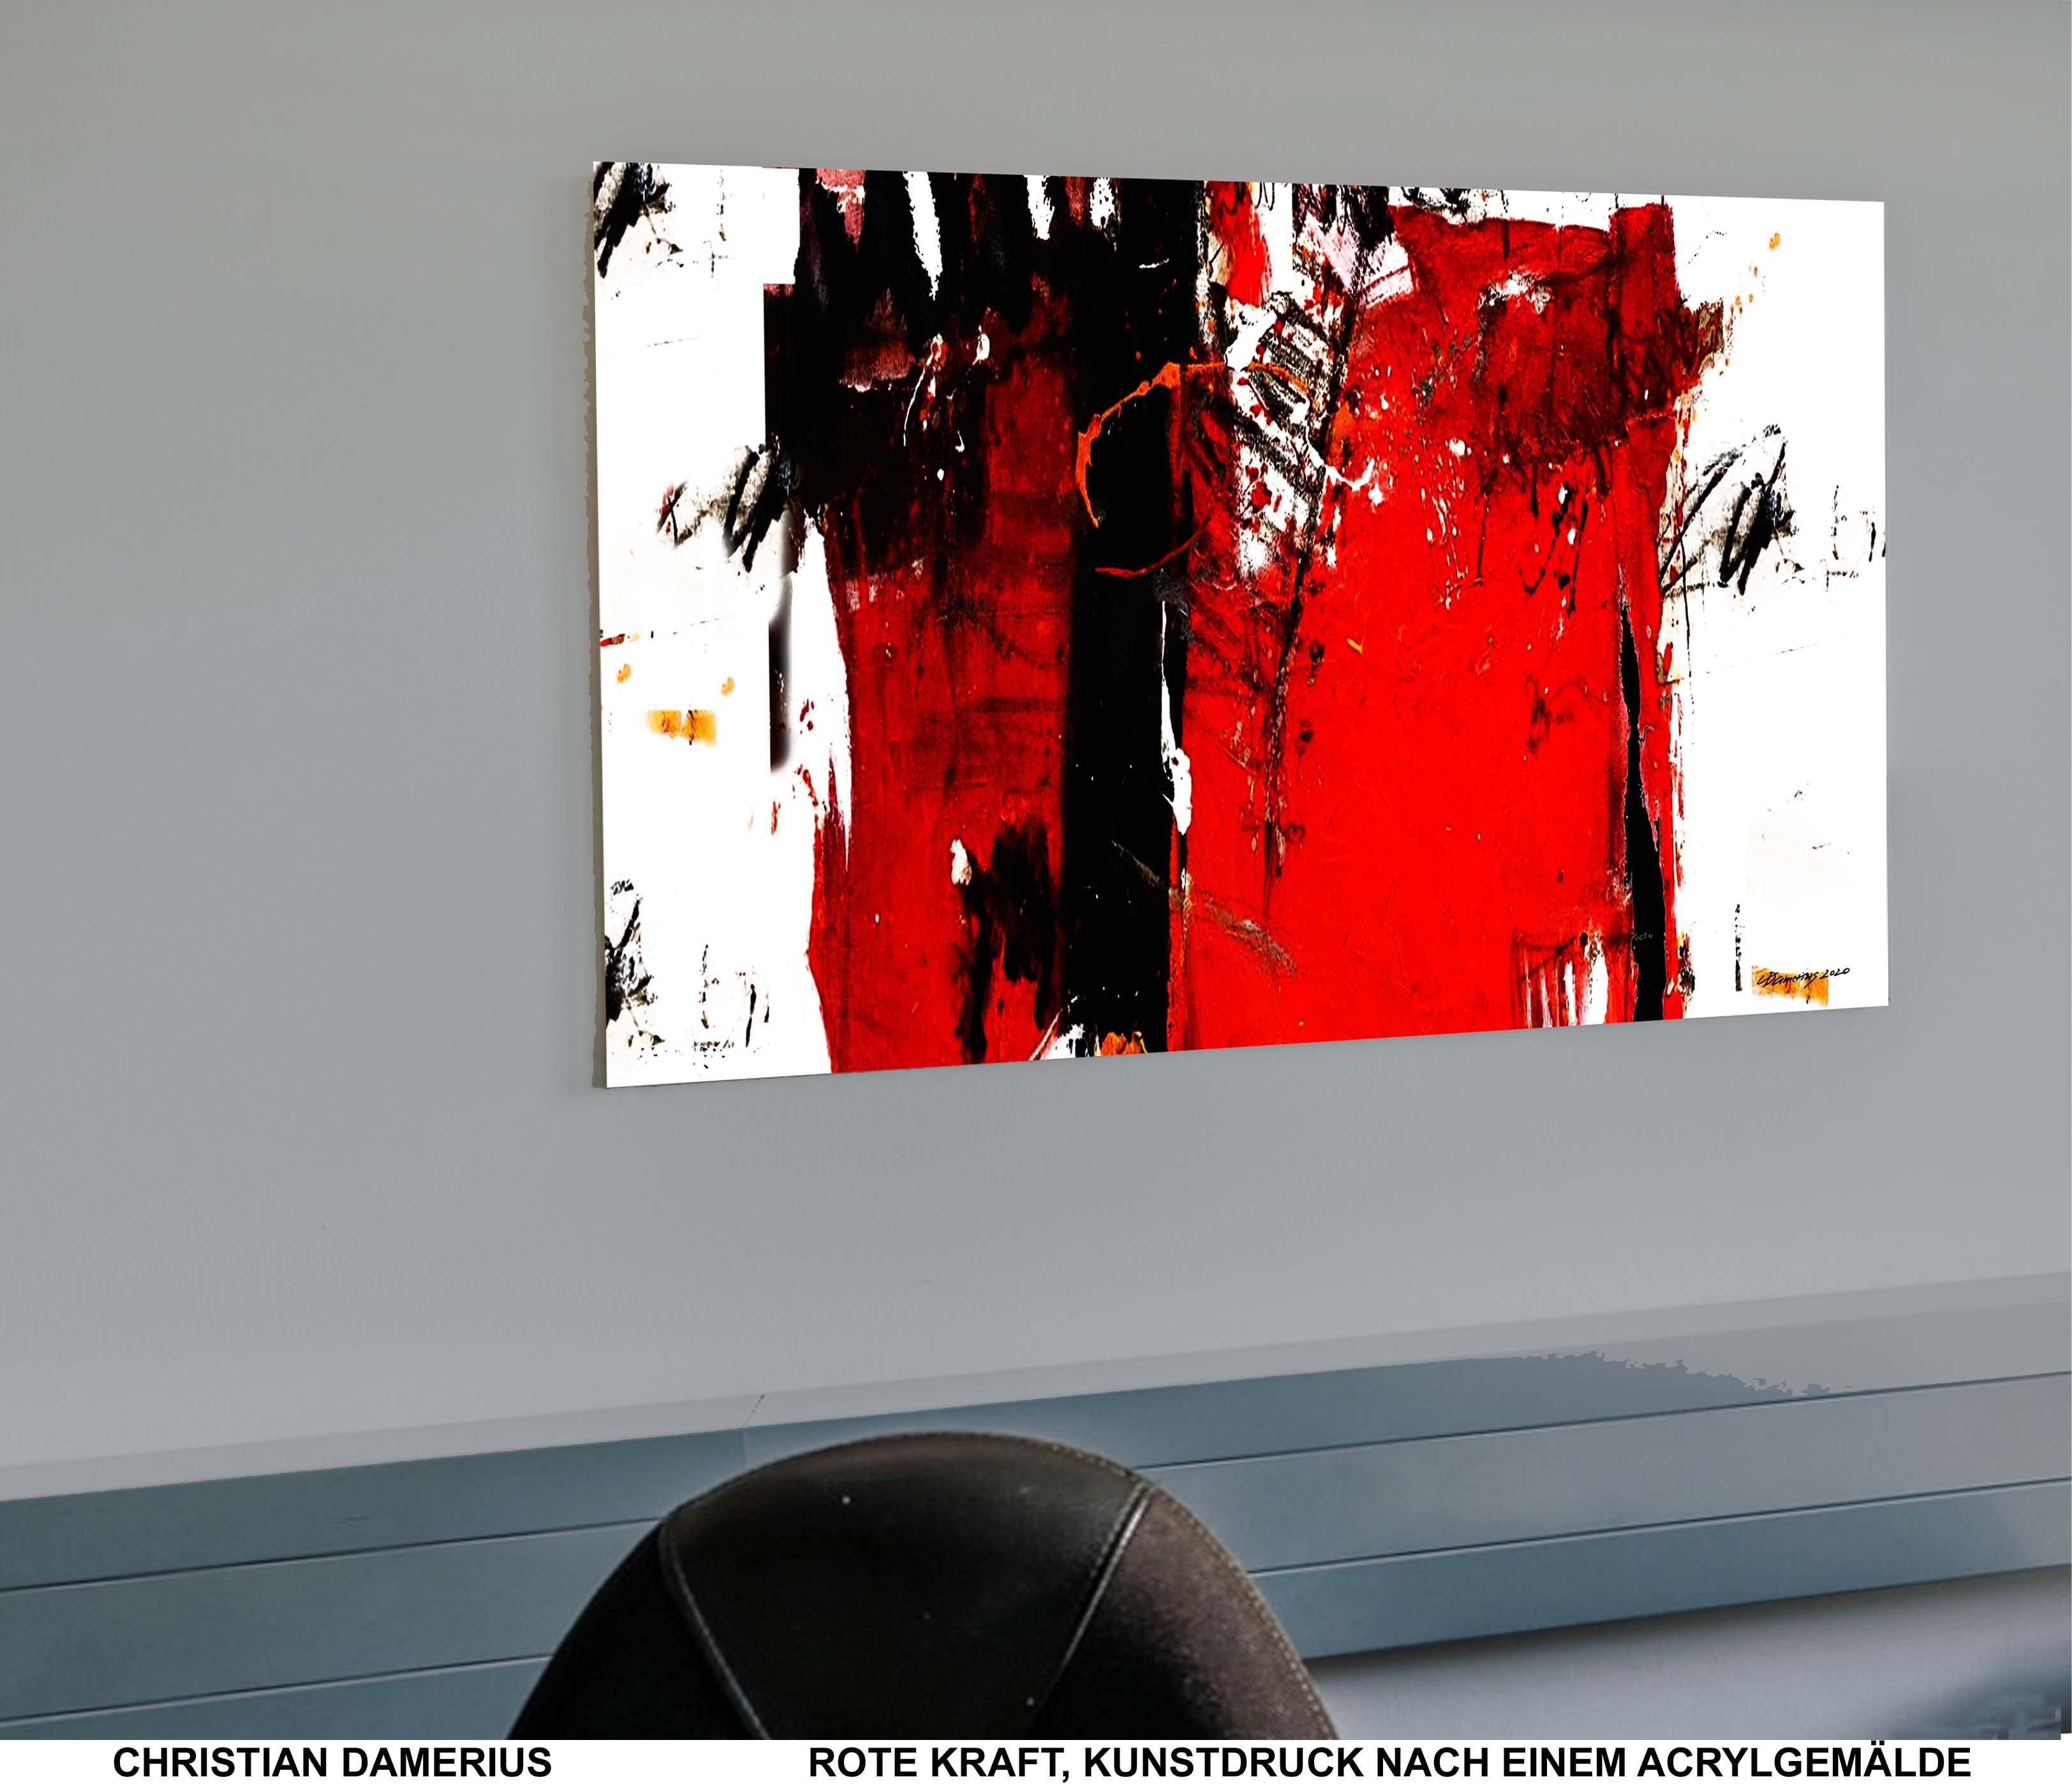 rot,kraft,kunstdruck,malerei,christian damerius,moderne deutsche maler,bilder für büros,wohnräume,wohnzimmer,kaufen,